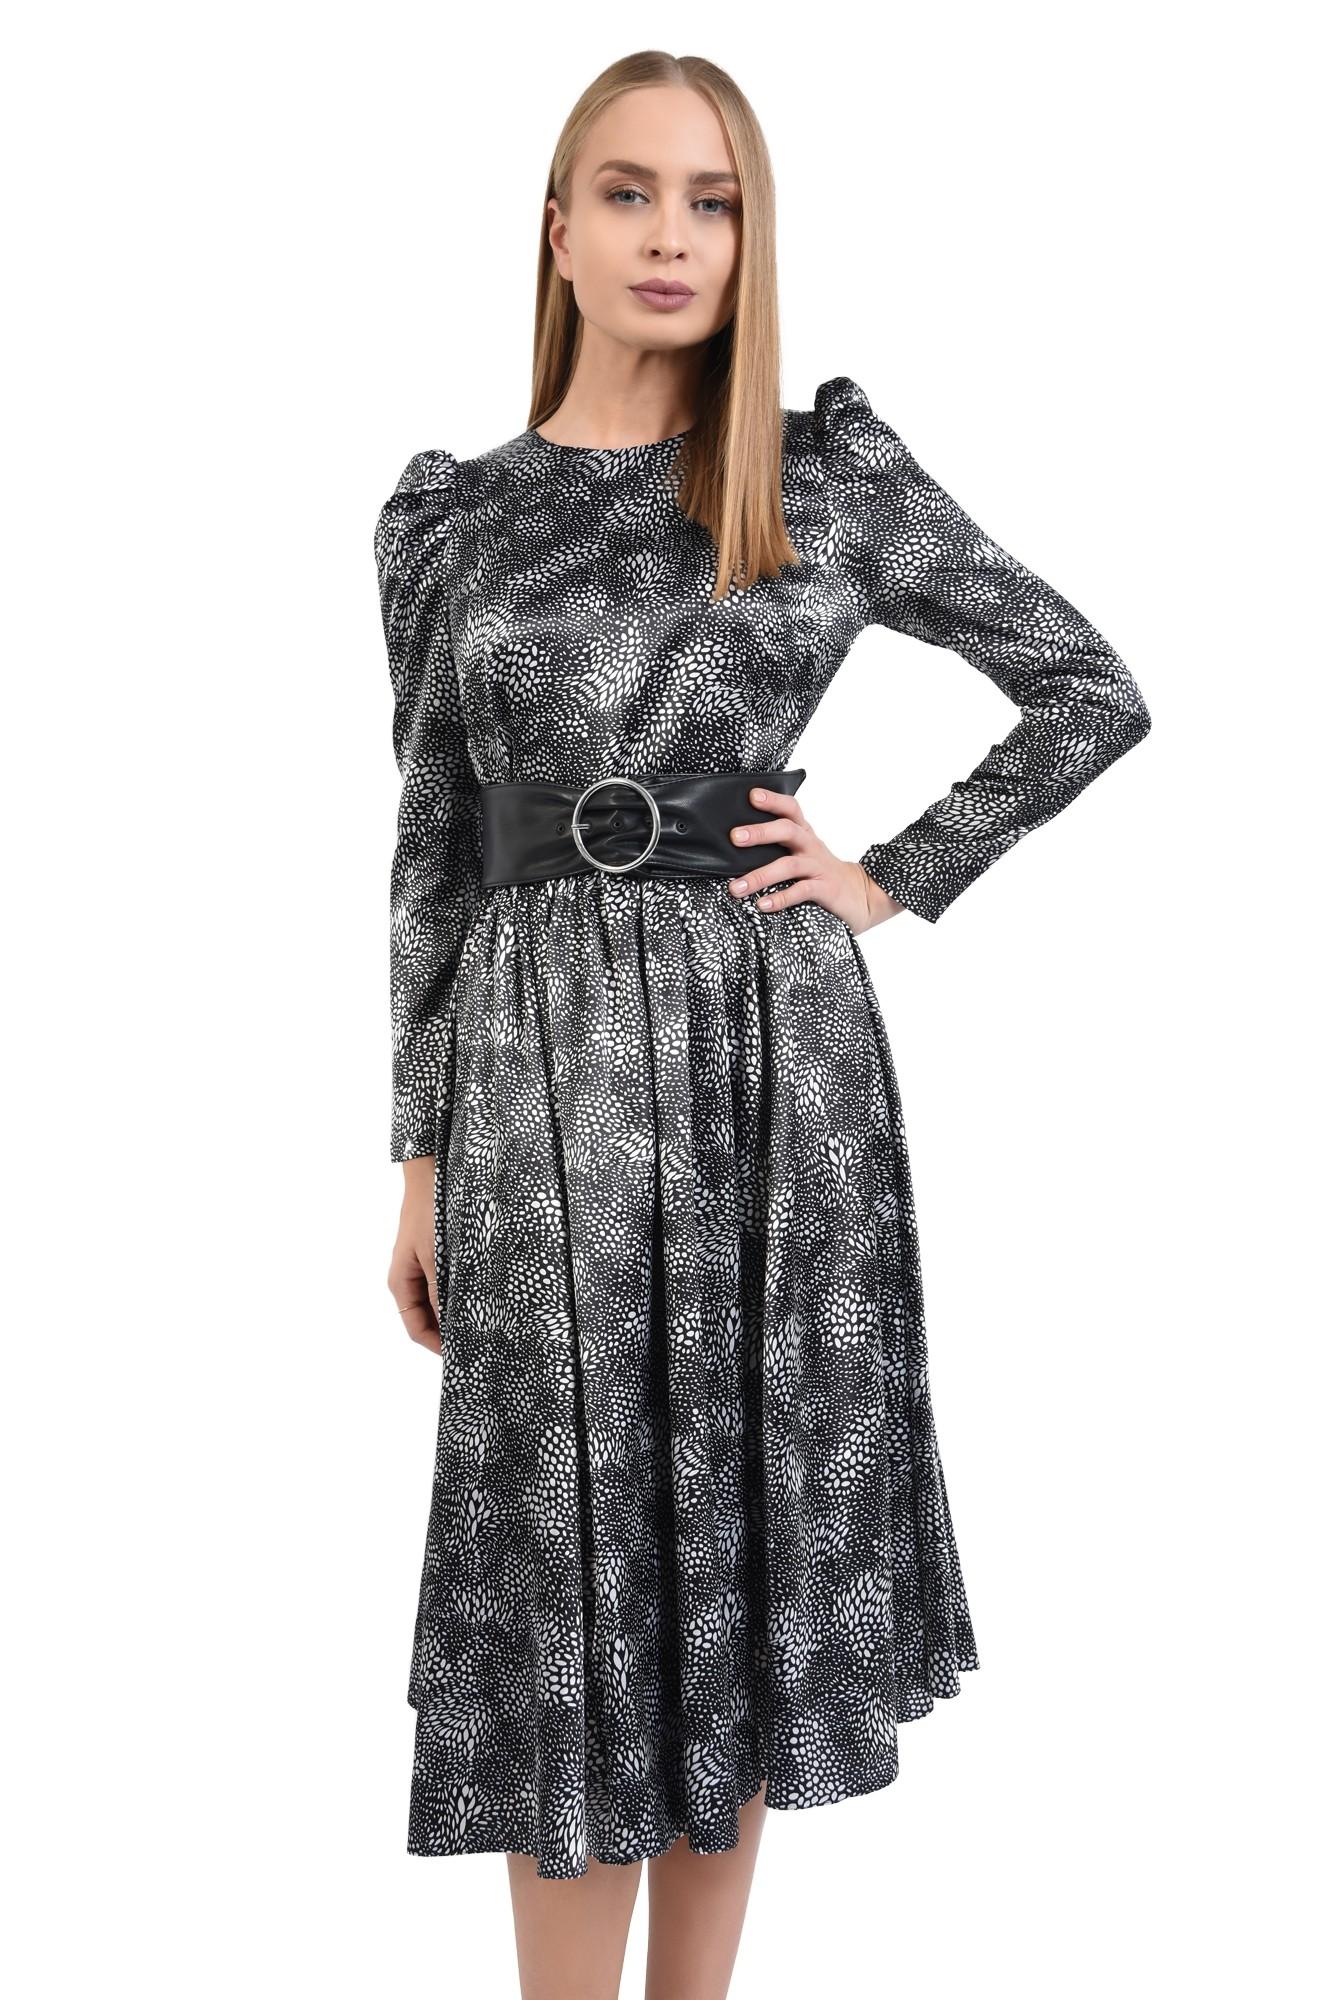 rochie eleganta, clos, cusatura in talie, maneci lungi, satin imprimat